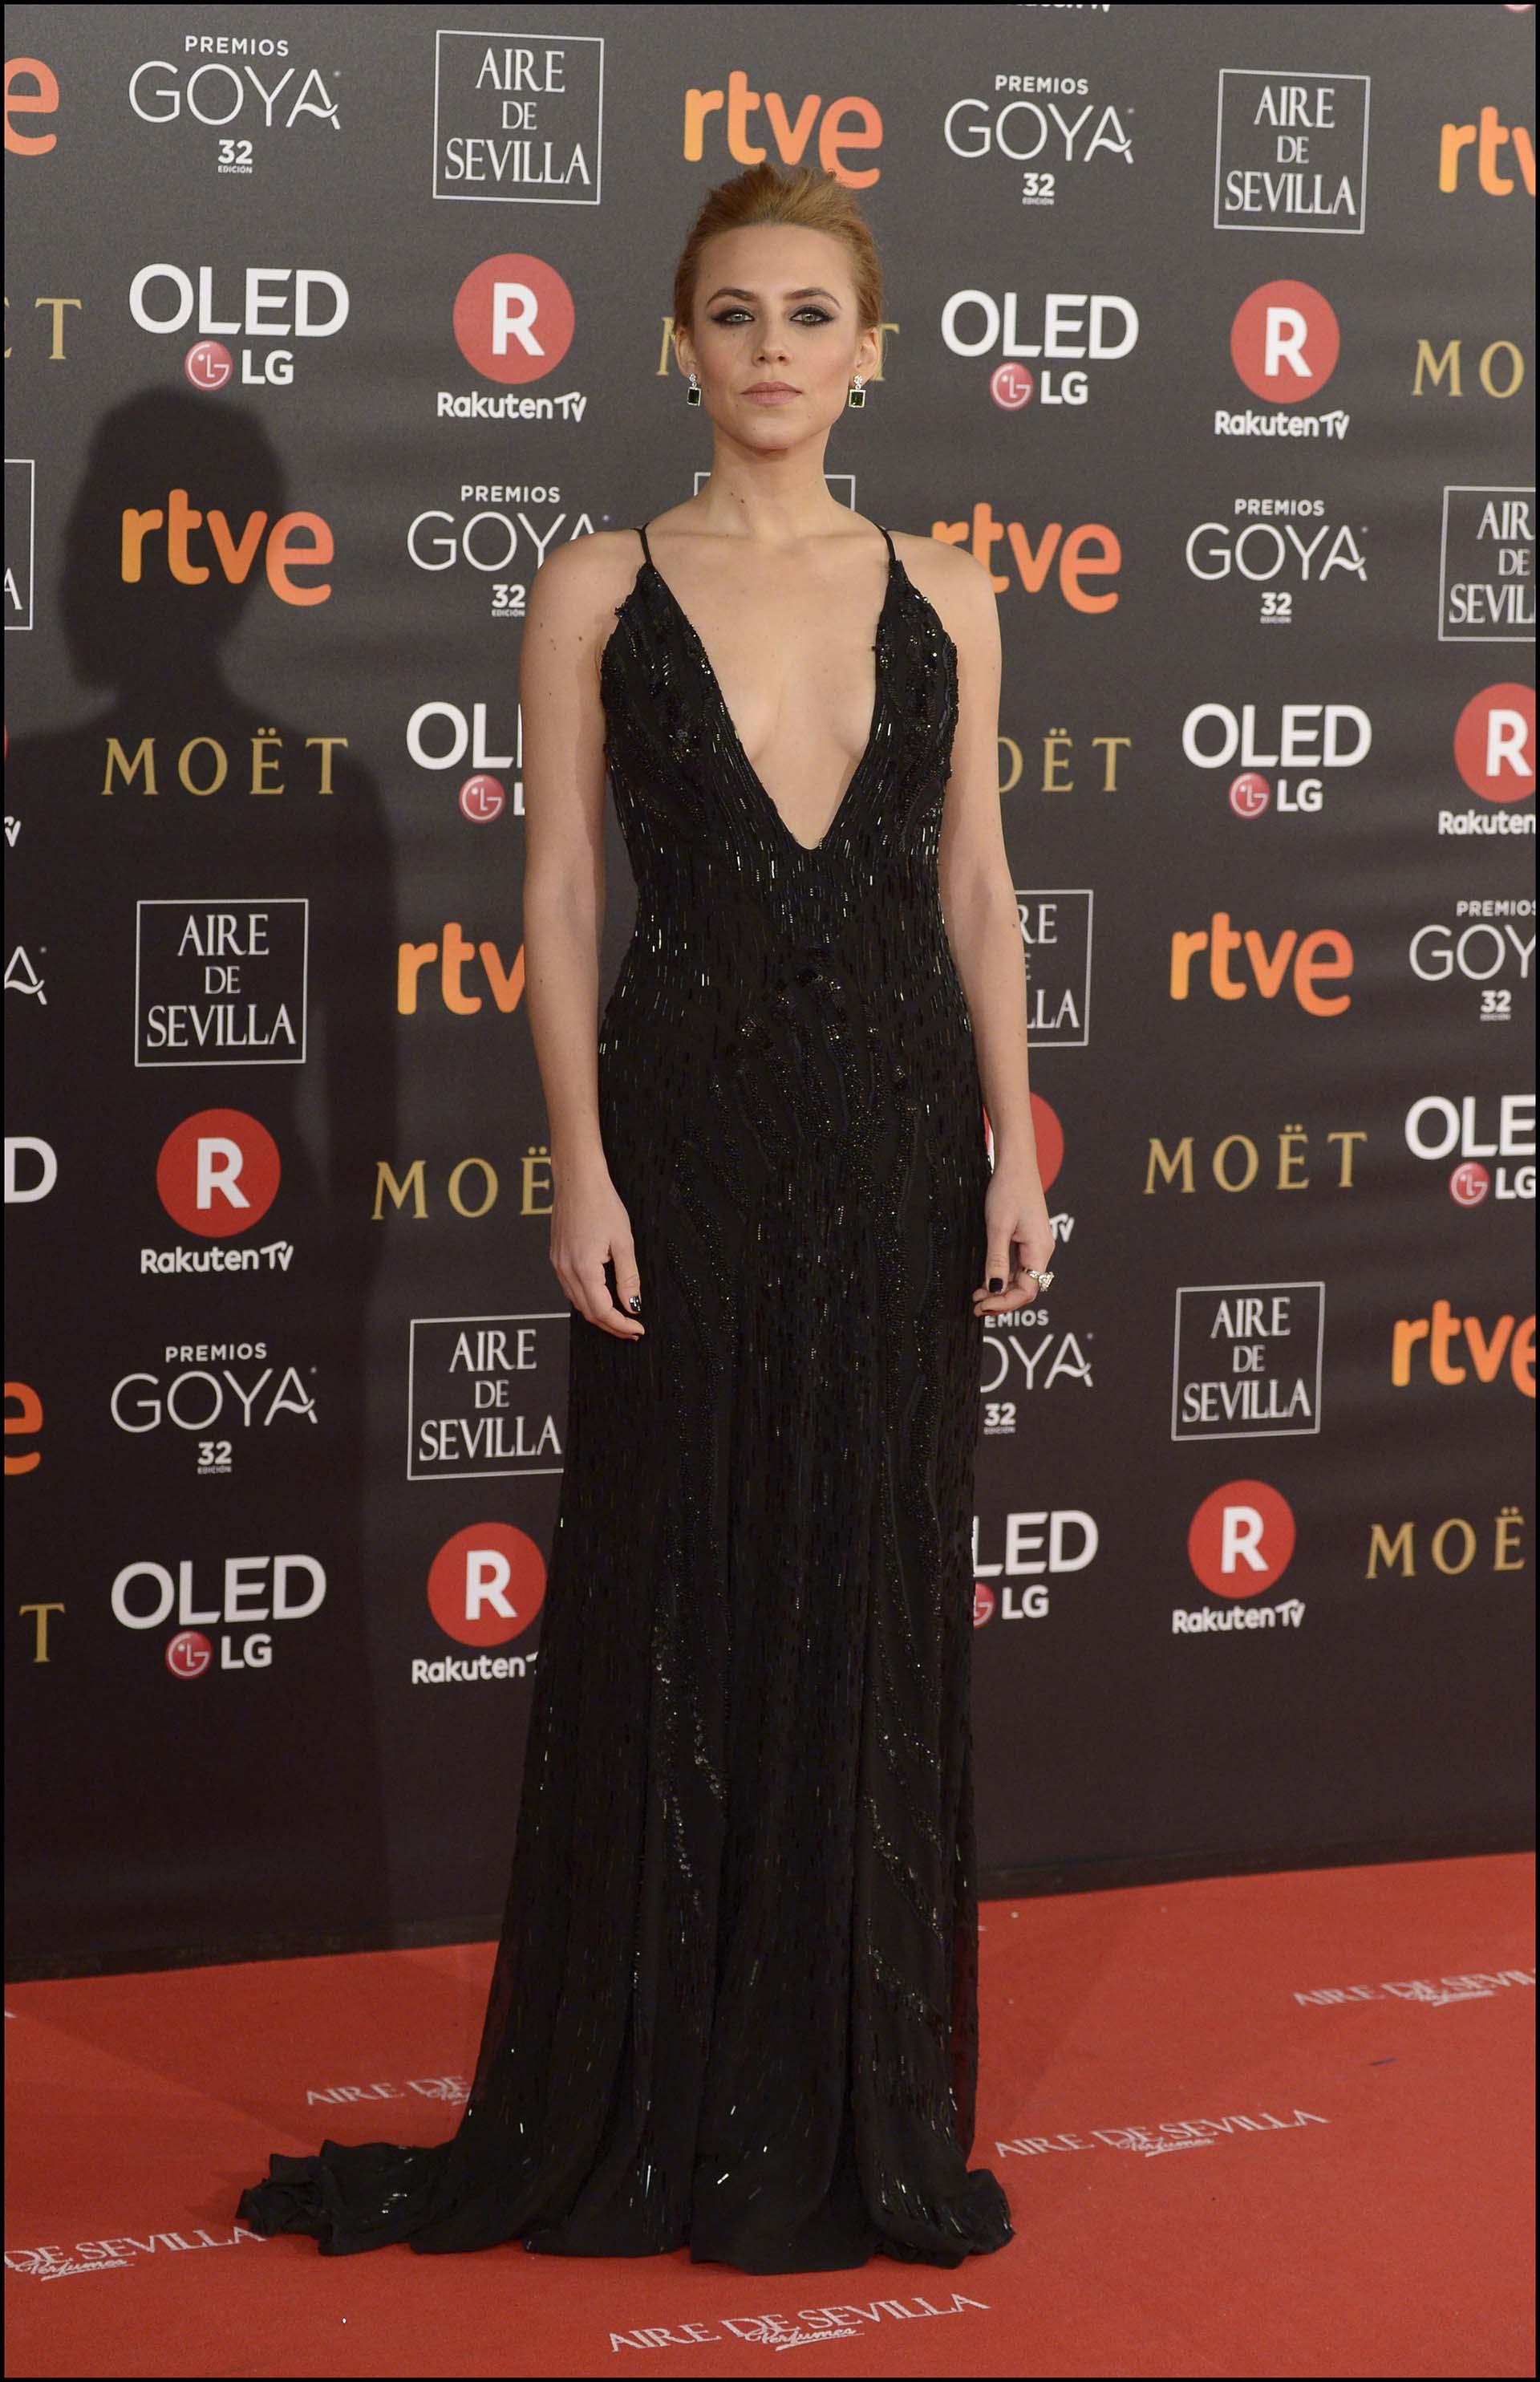 Aura Garrido se inclinó por el total black (hasta en las uñas) con canutillos borados, un escote pronunciado y un beauty look elegante.